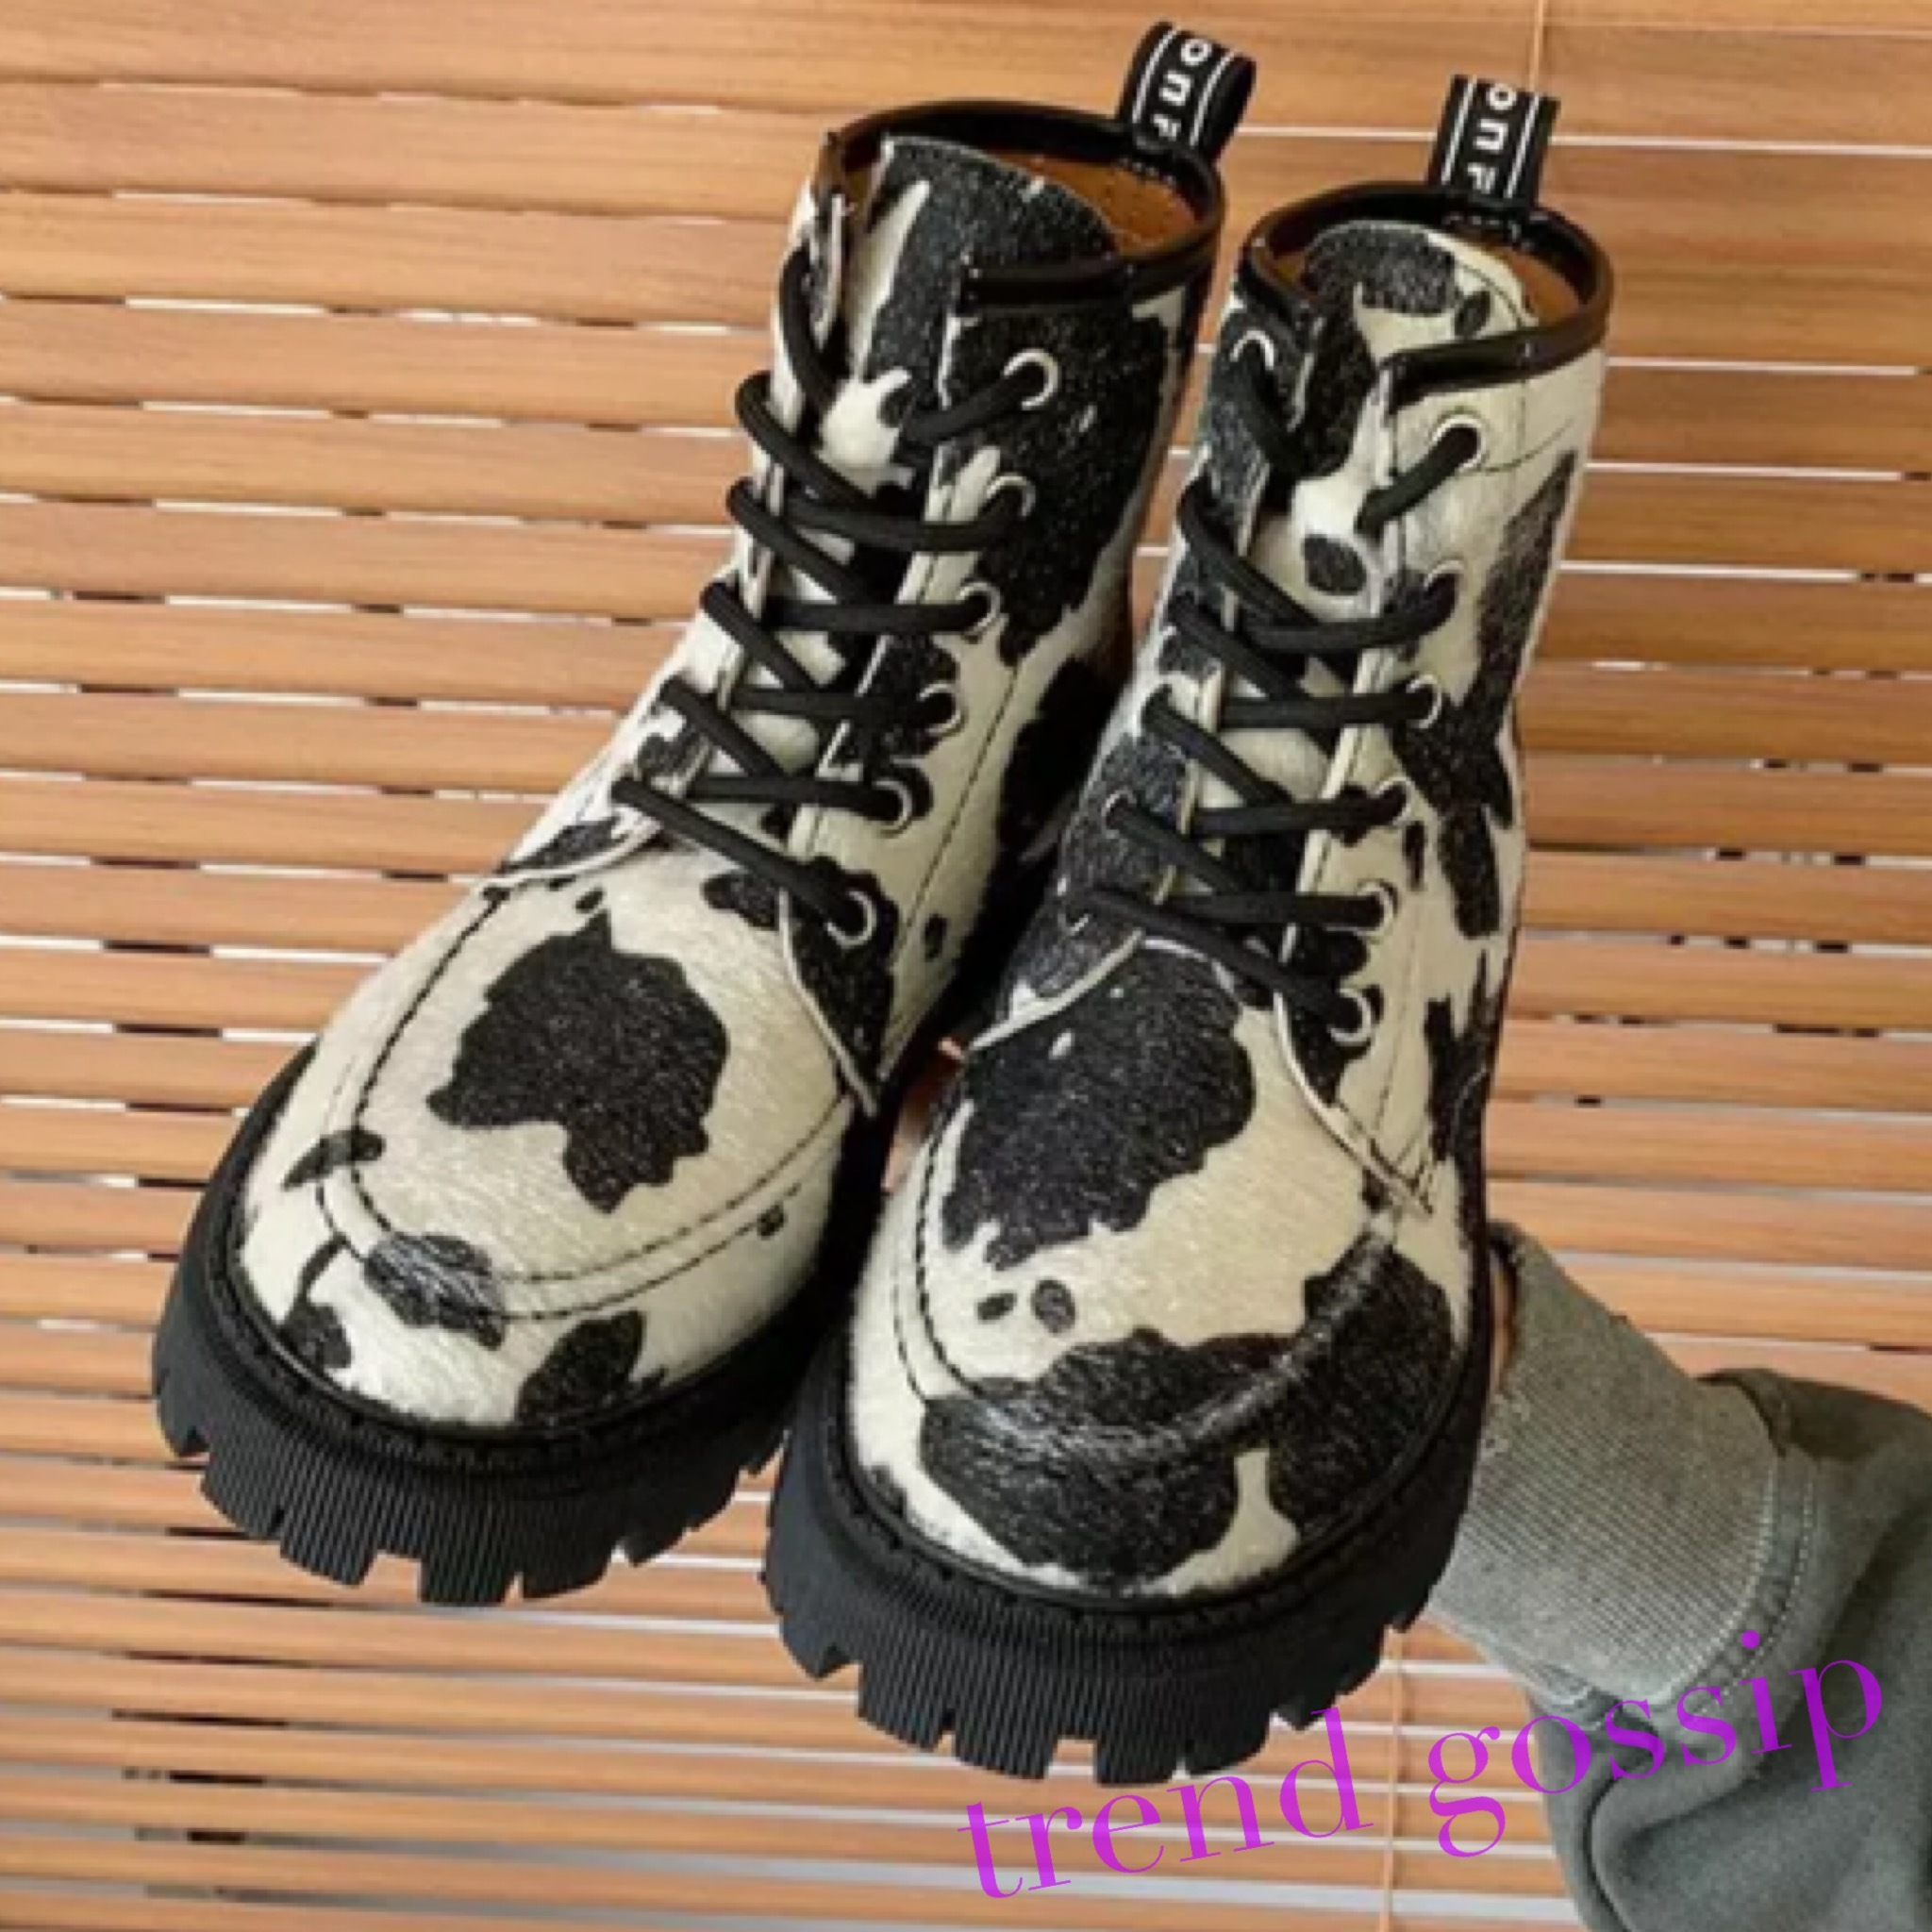 カウ柄レースアップワークブーツ/靴/22〜24.5cm/2020AW